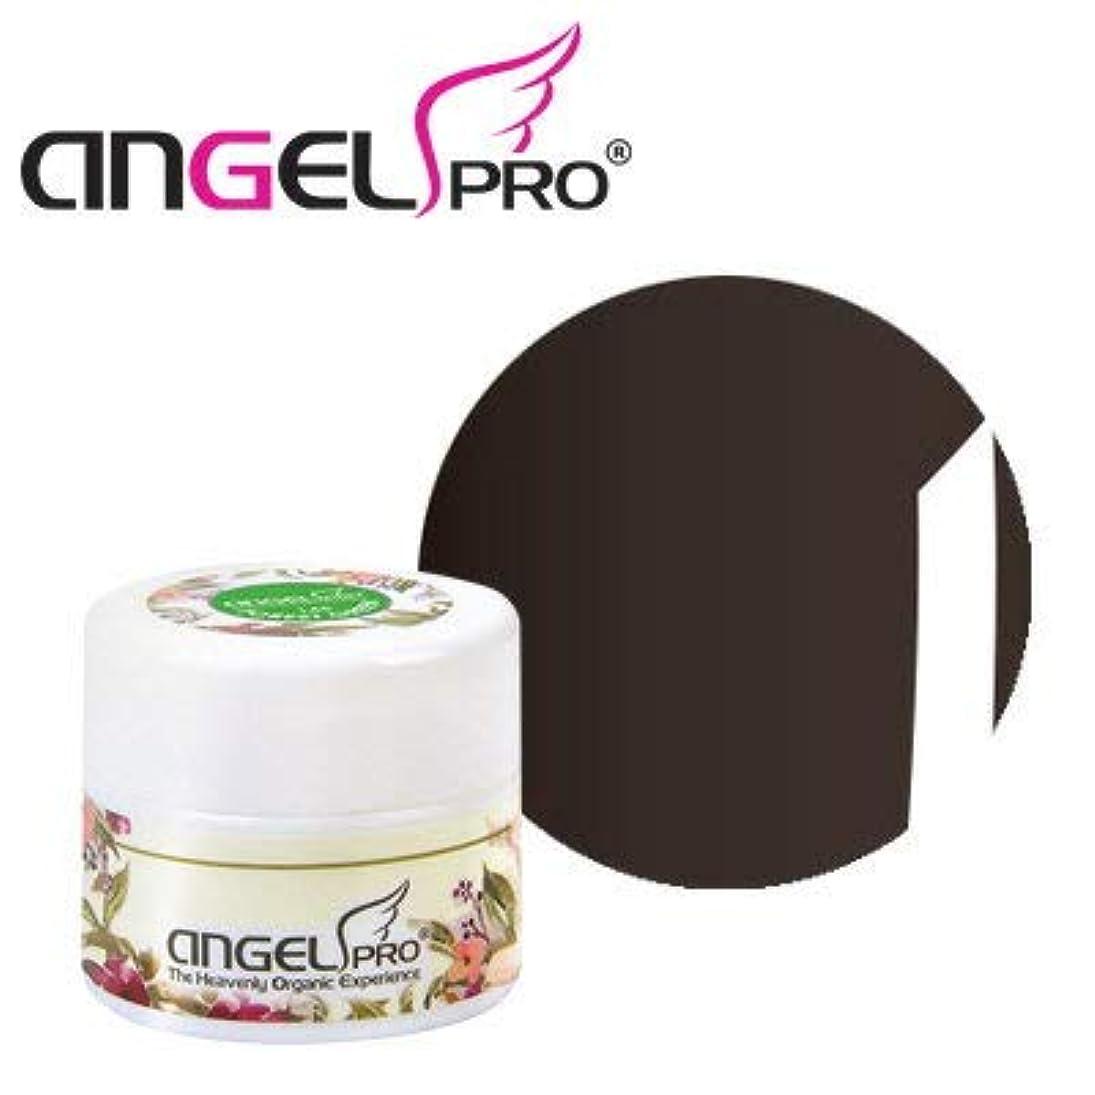 ANGEL PRO ポットジェリー #141 COCOA BEAN 4g